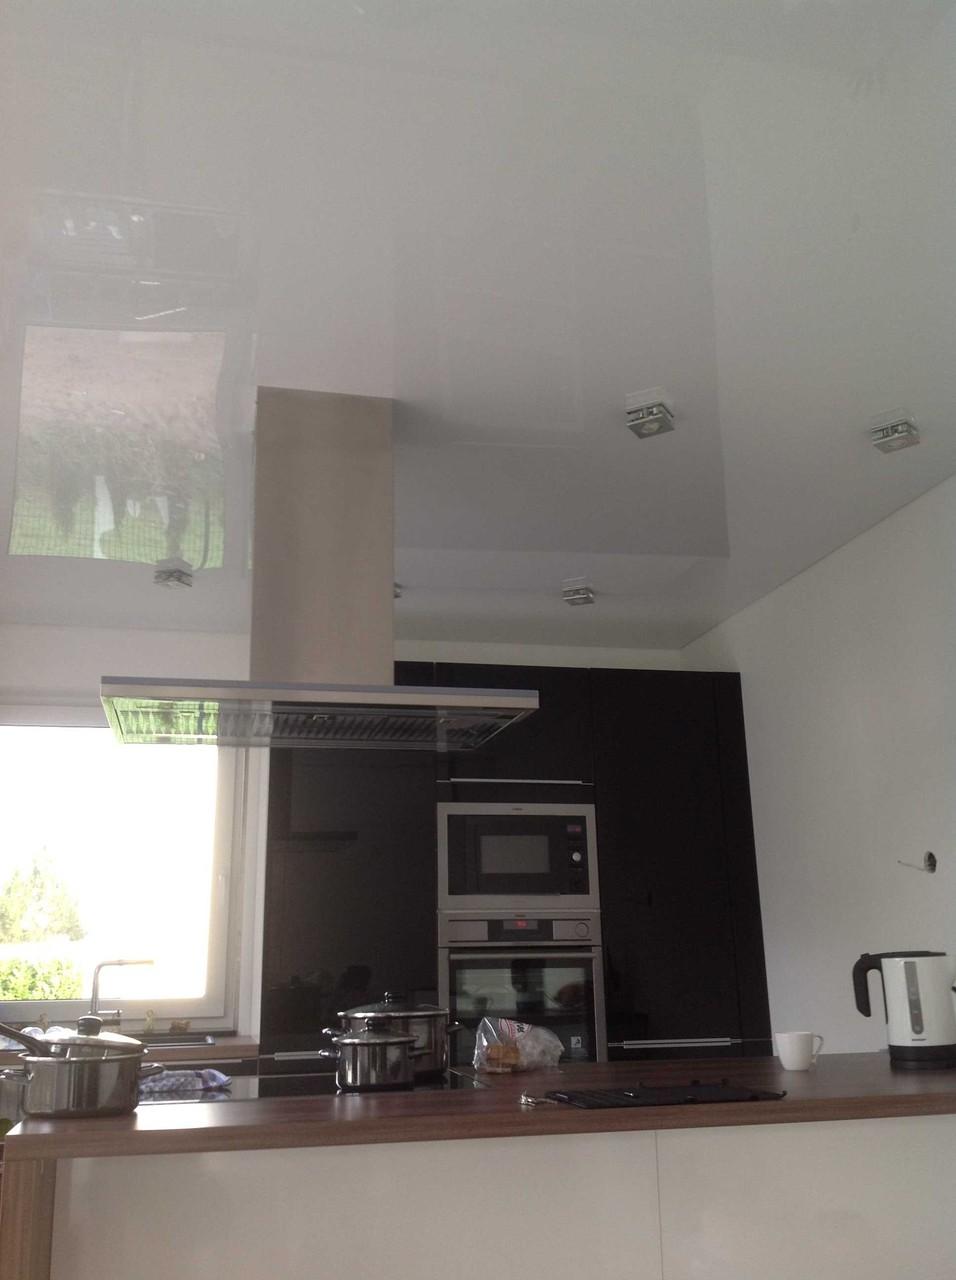 Spanndecke weiß glänzend Küche EFH Unna